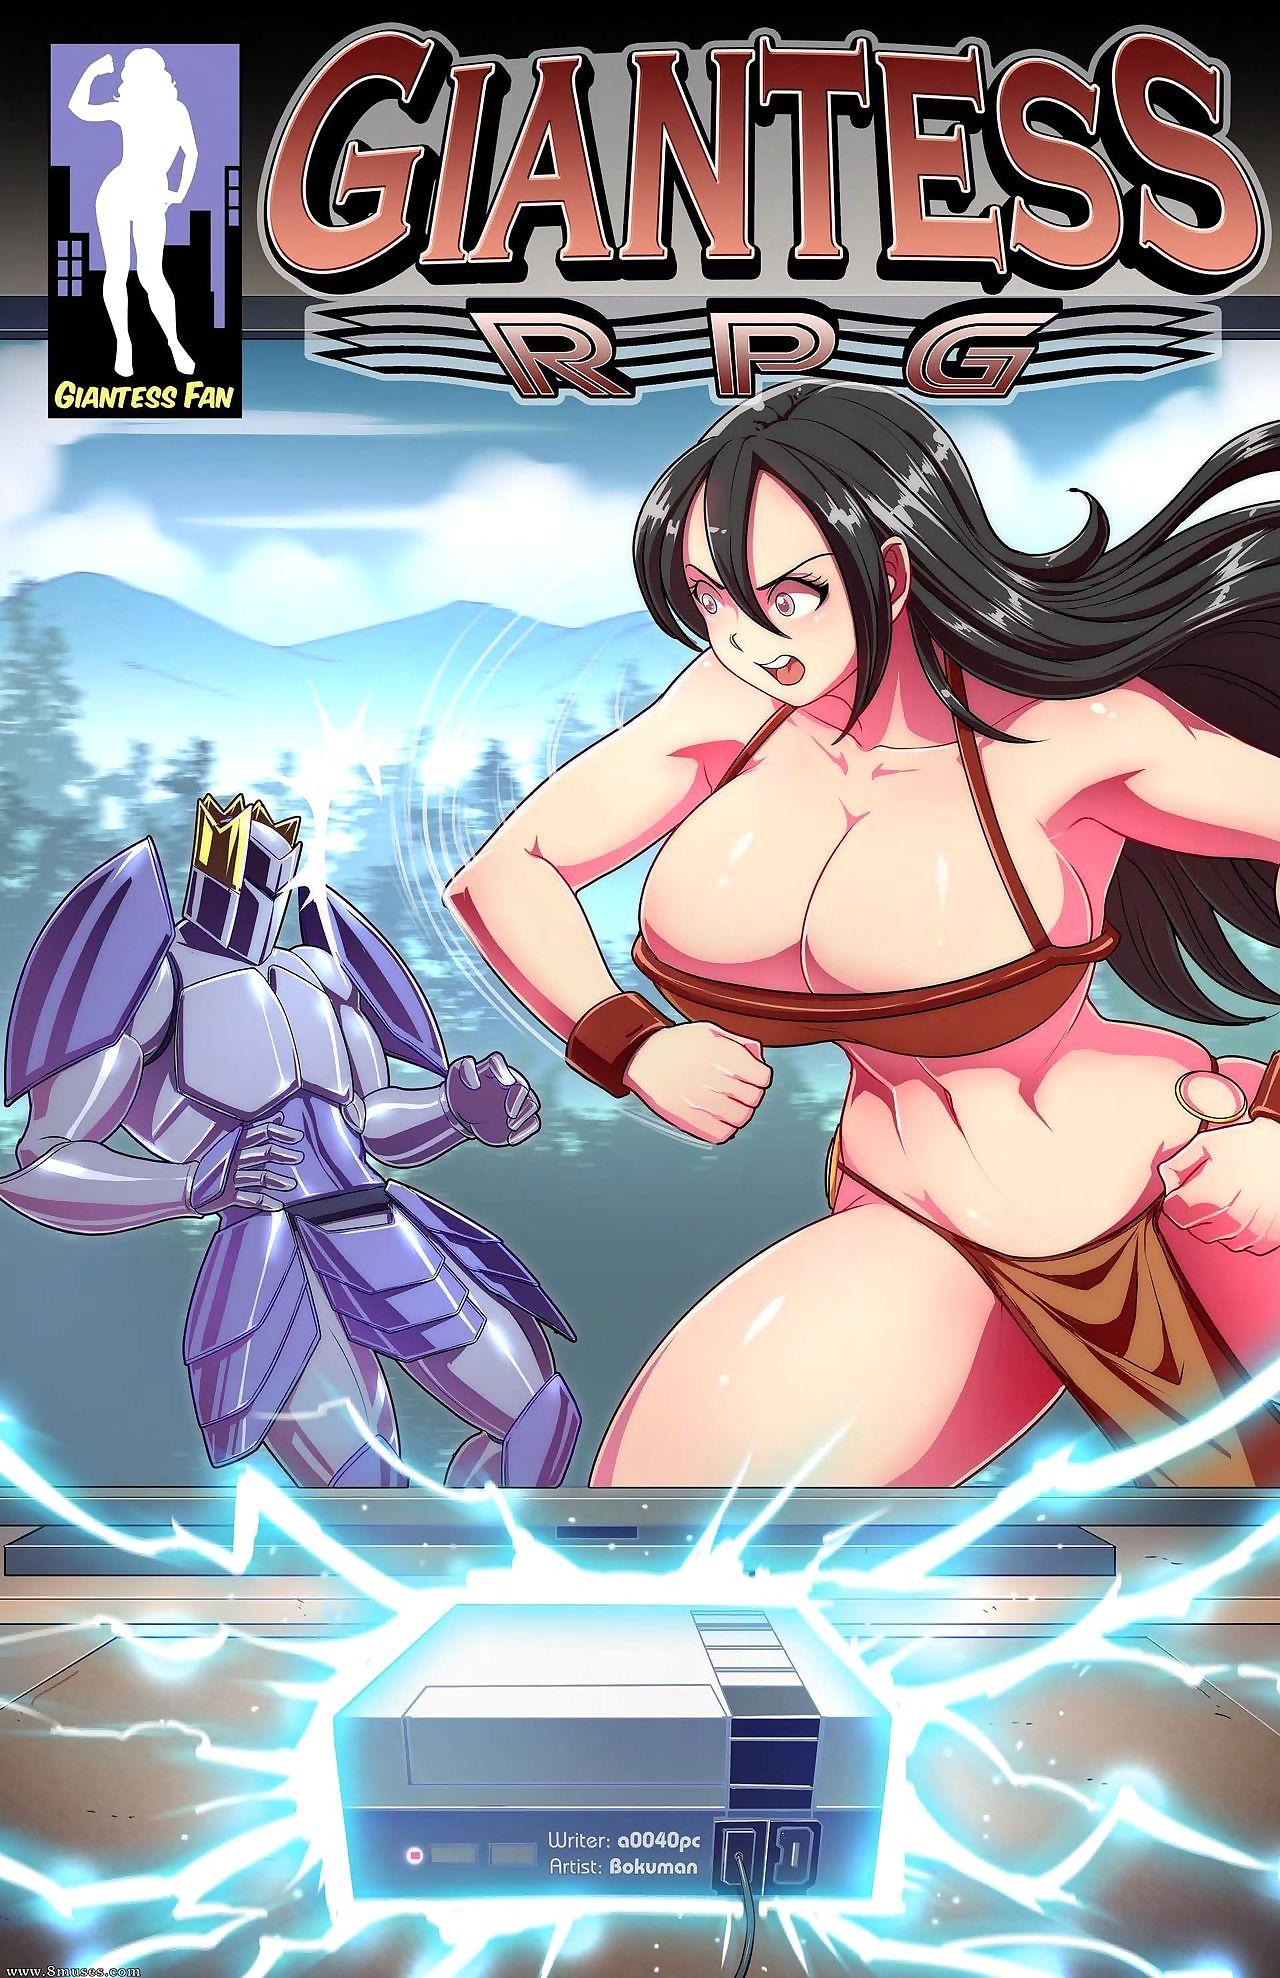 Colossus RPG